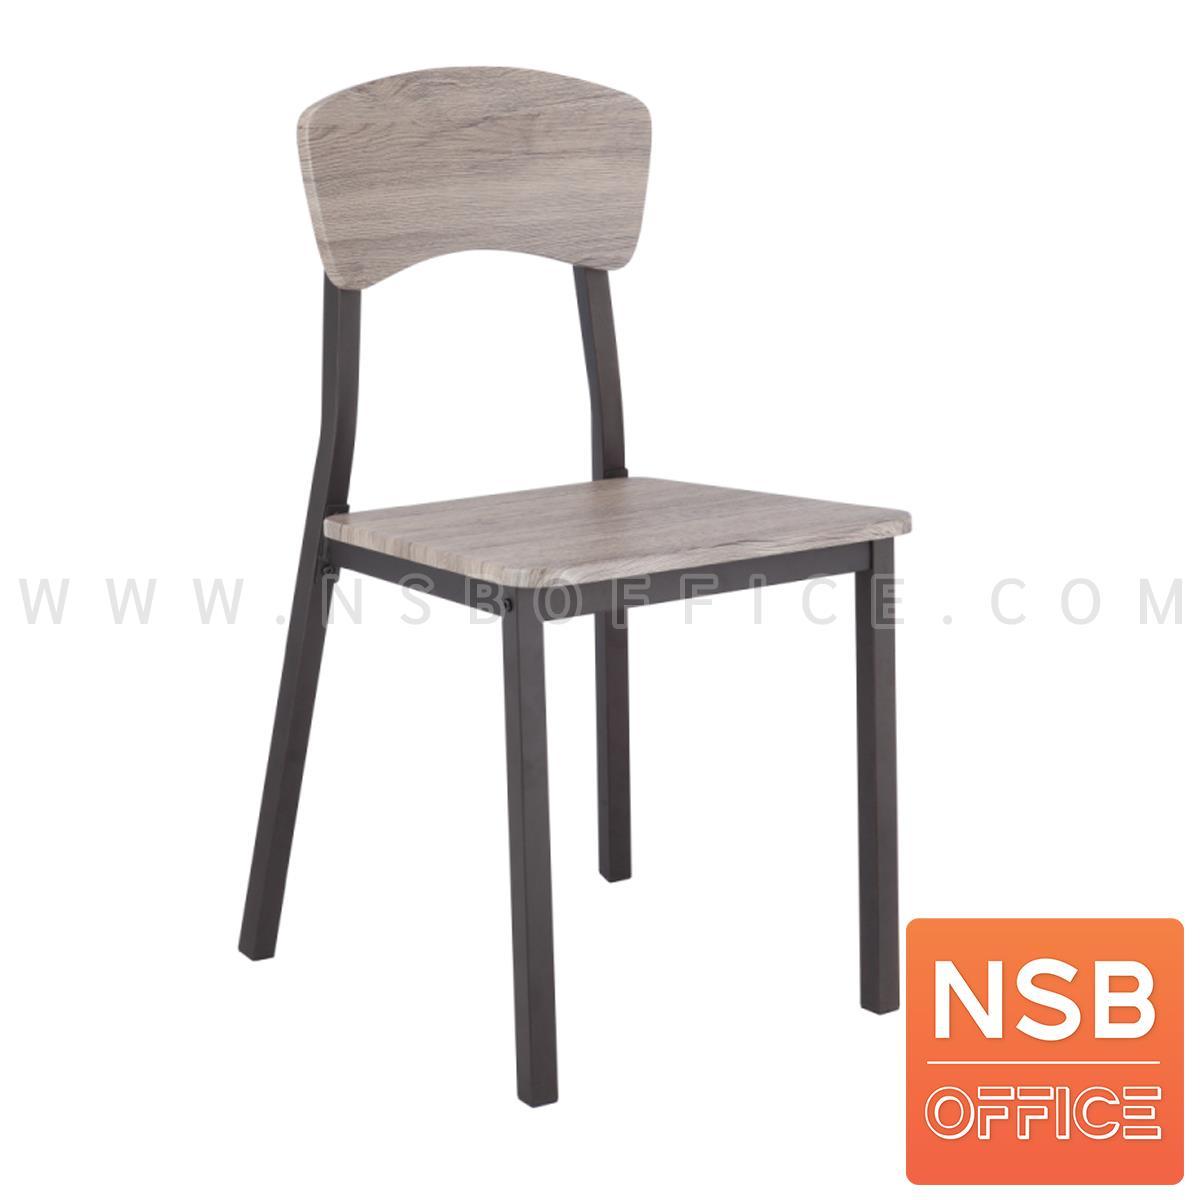 ชุดโต๊ะรับประทานอาหาร 4 ที่นั่ง รุ่น Ferna (เฟอน่า) ขนาดโต๊ะ 120W cm. ขาเหล็กพ่นสี